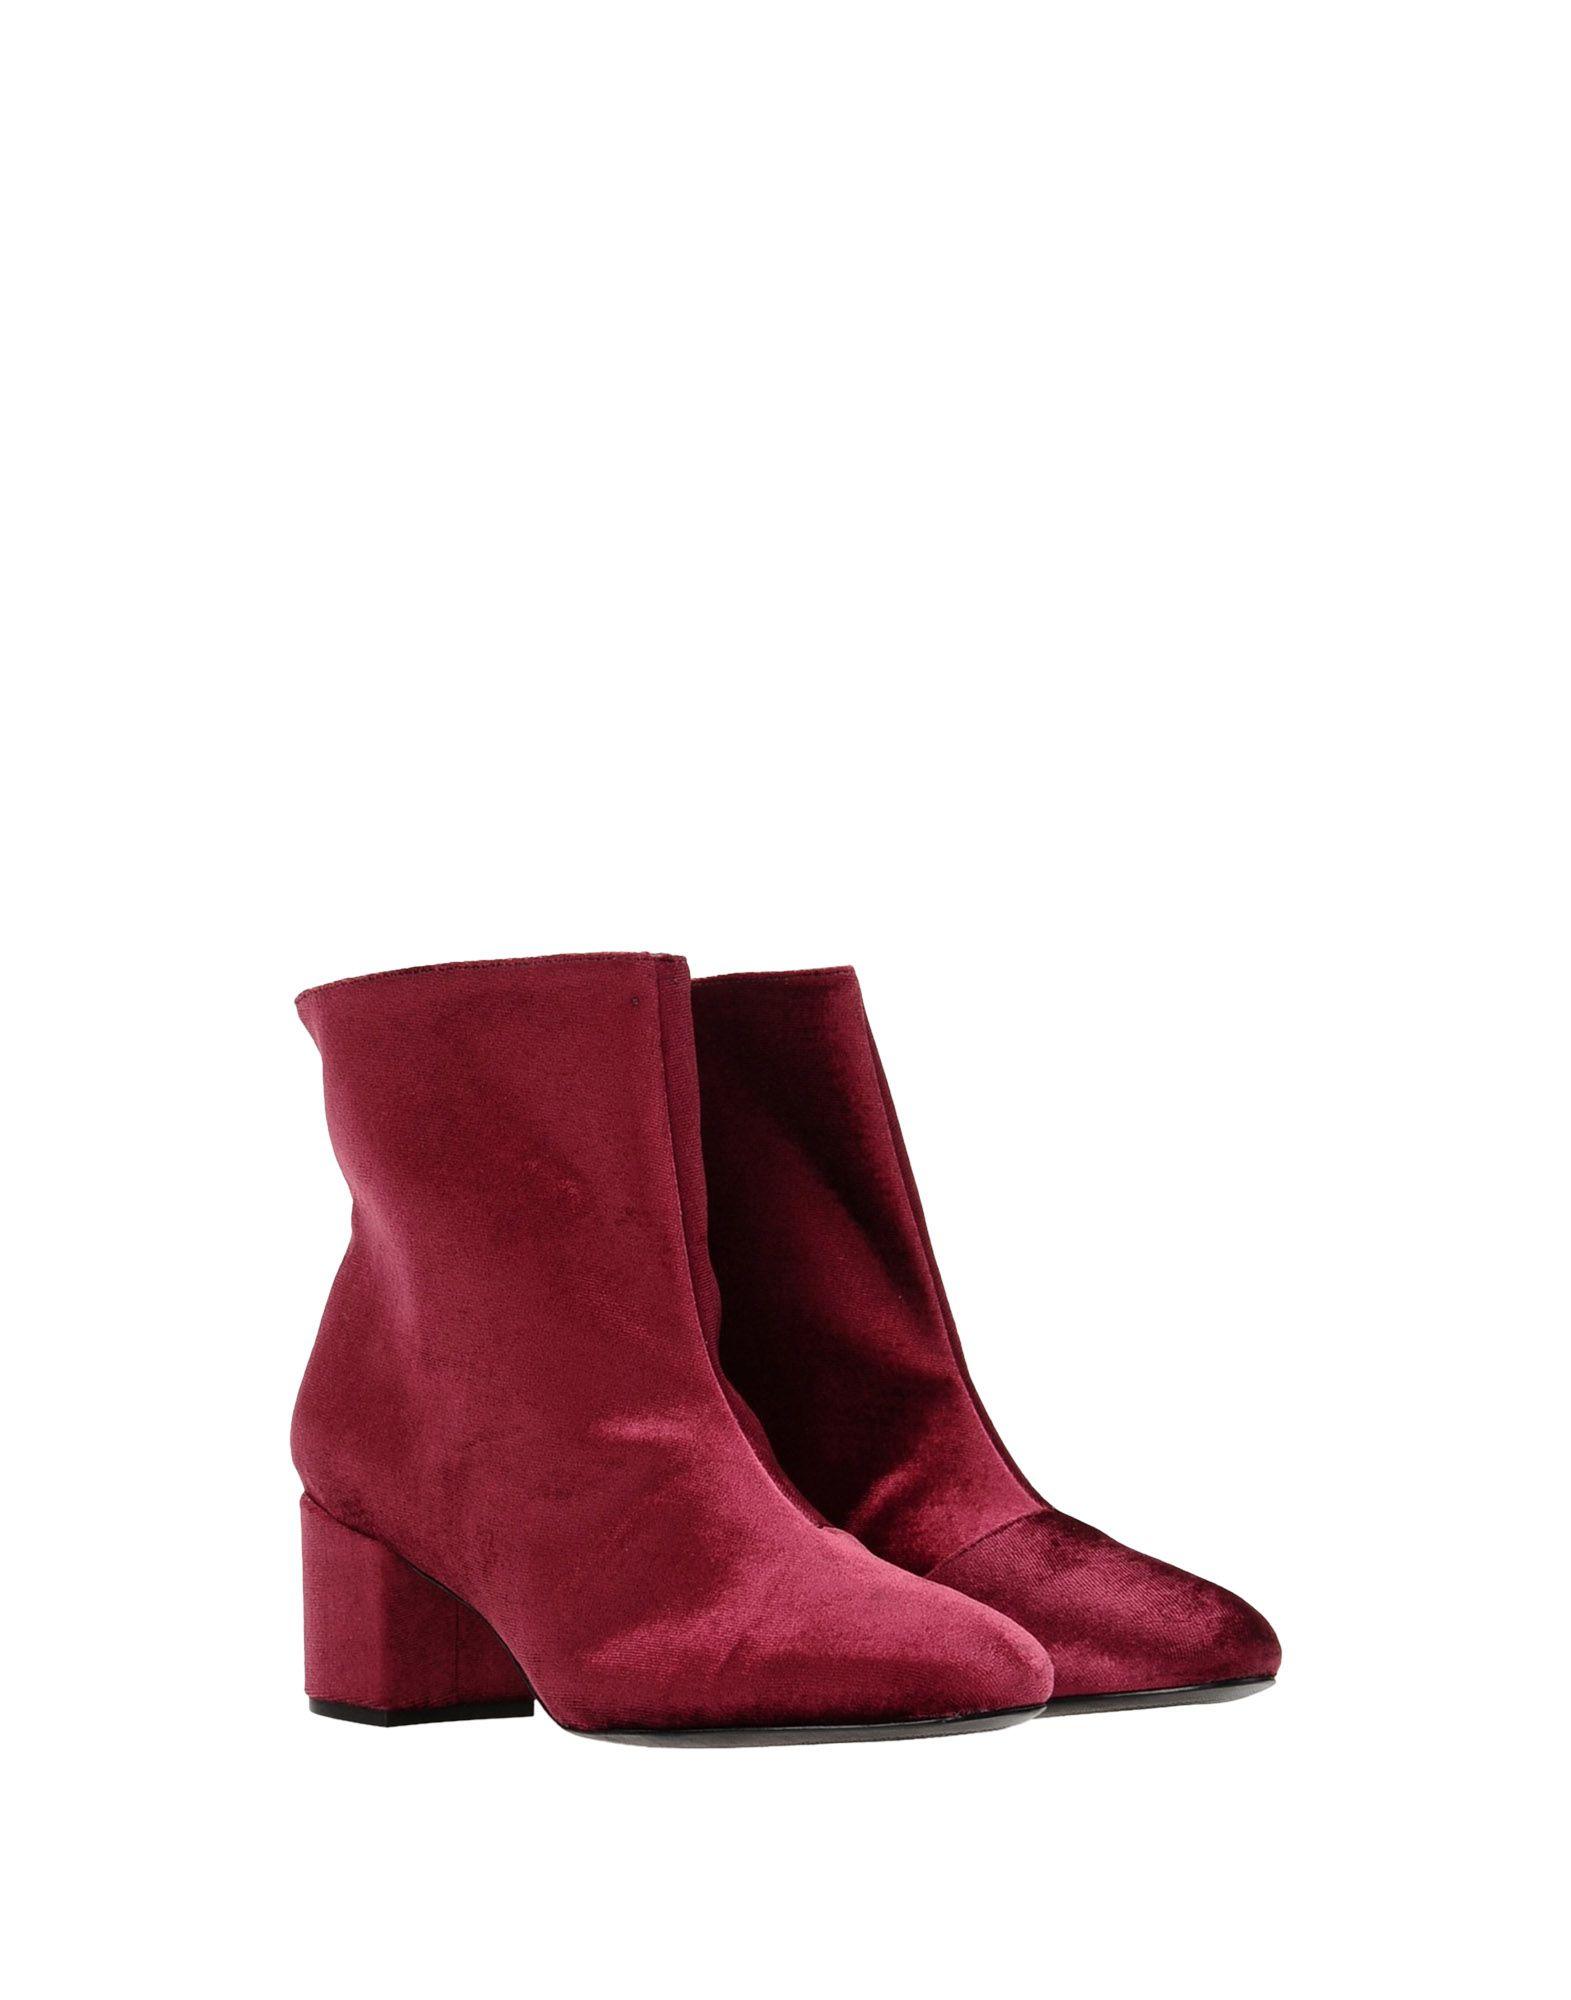 Schutz Stiefelette Damen aussehende  11364059QQGut aussehende Damen strapazierfähige Schuhe cdf232